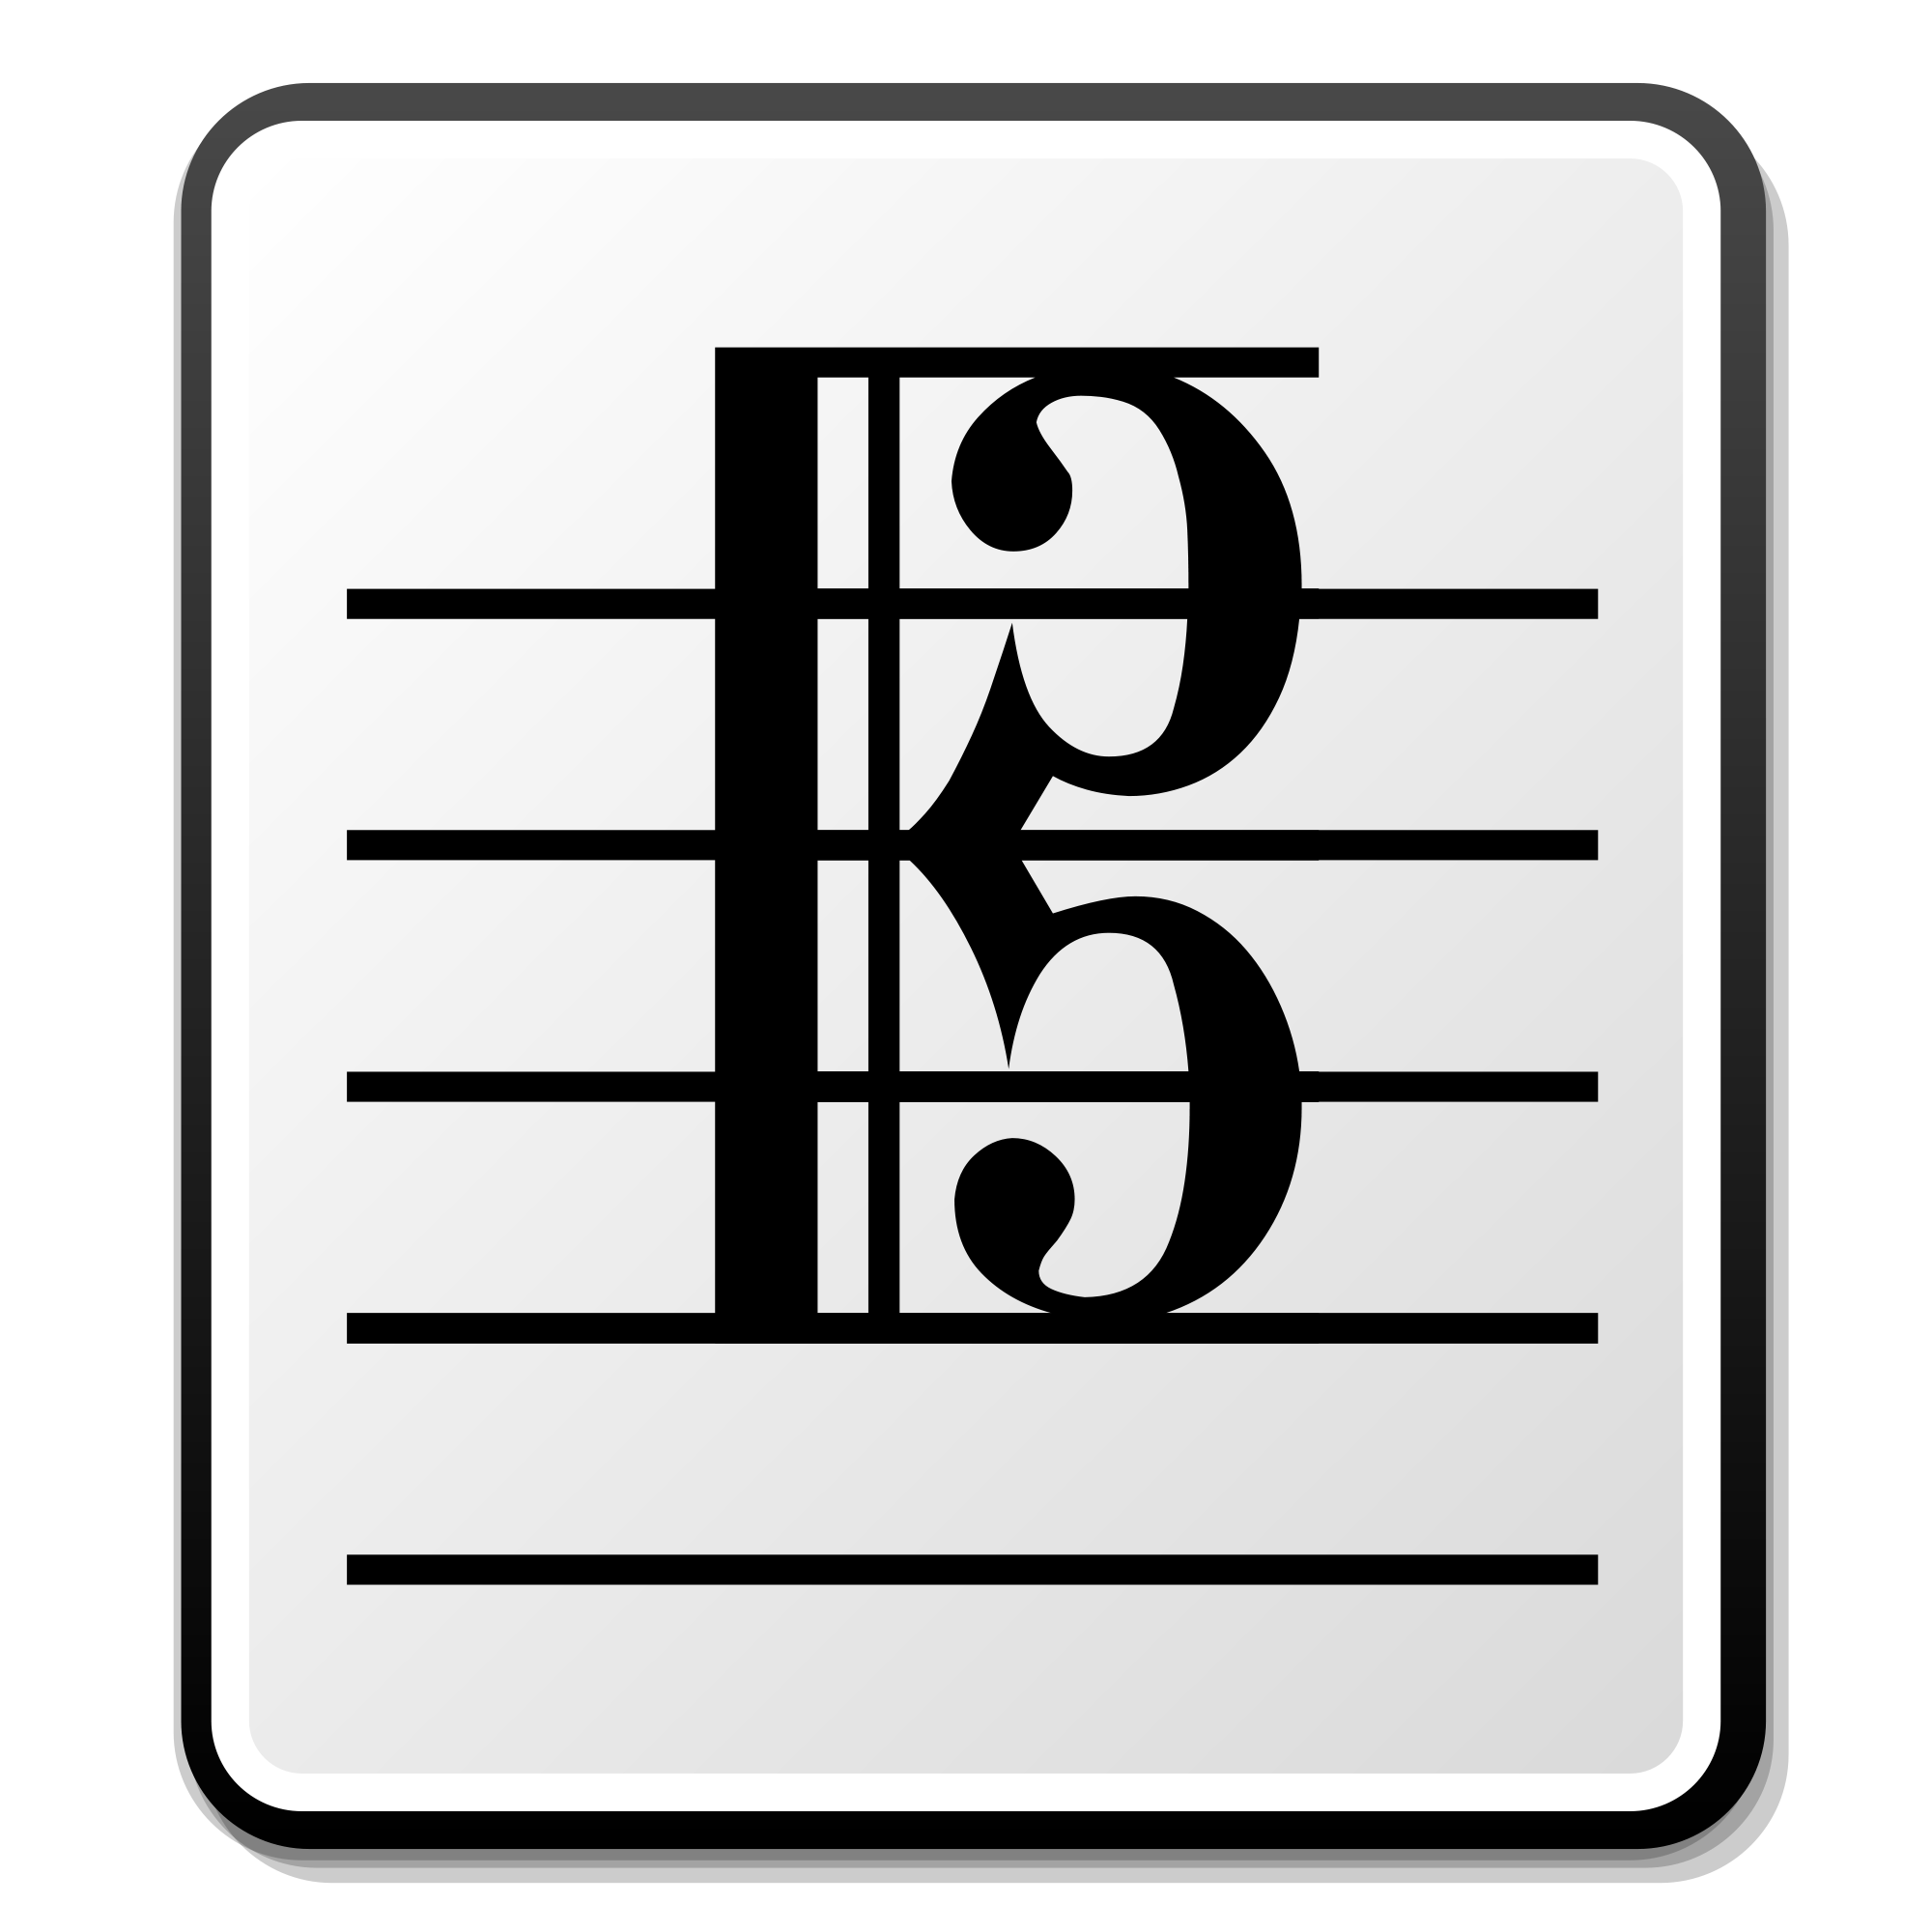 File:Baroque music icon.svg.